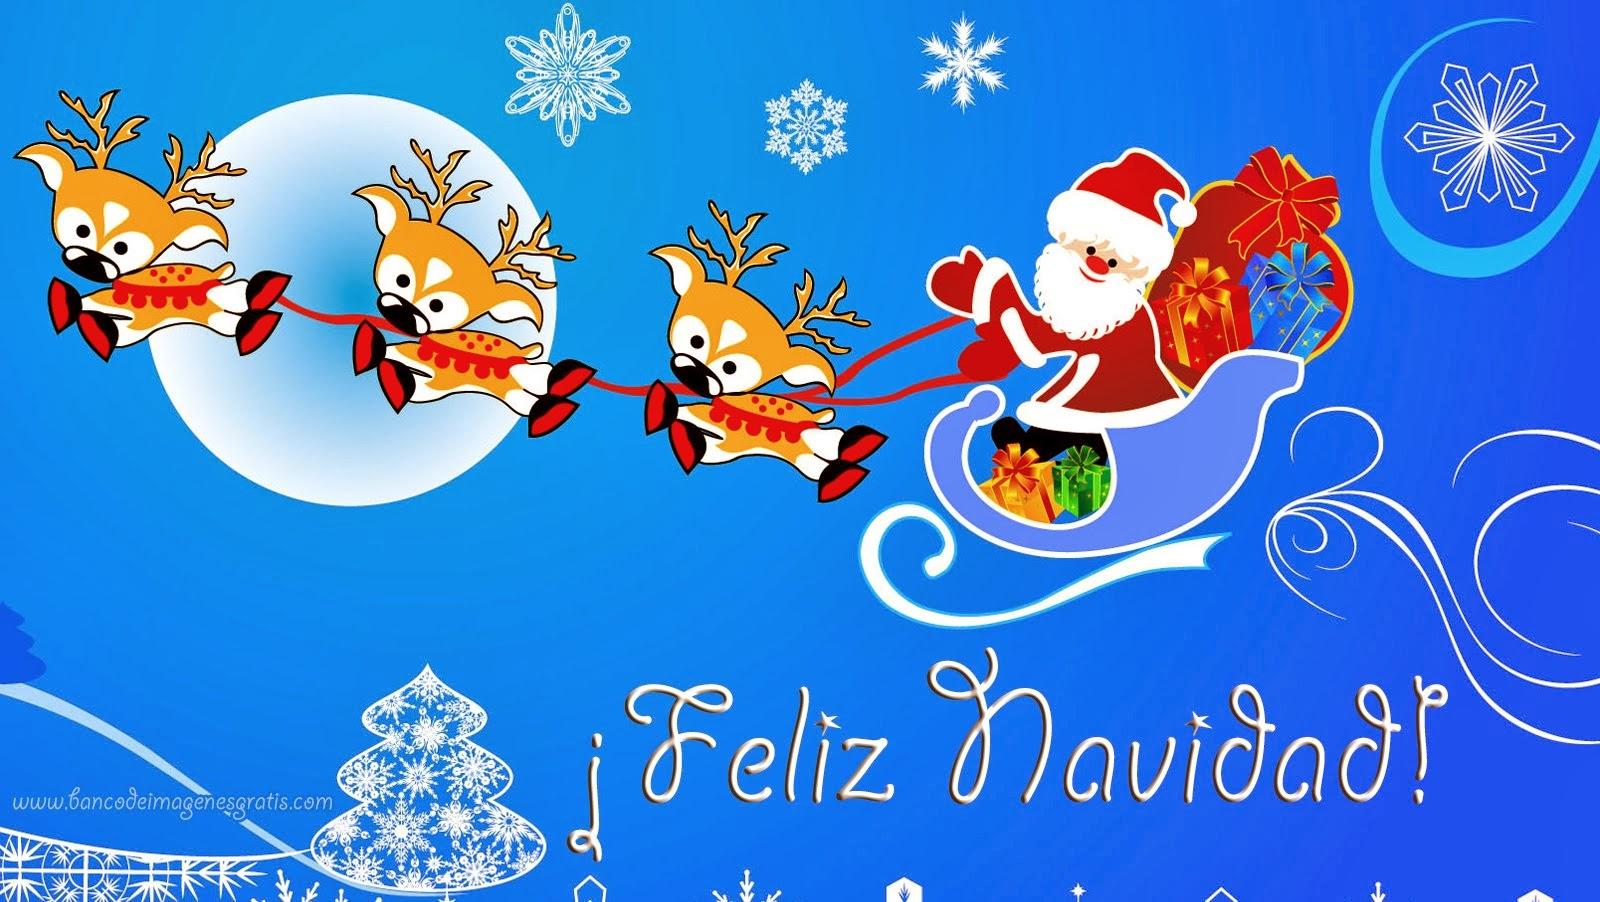 Картинка с рождеством на испанском языке, кошек красивые нарисованные